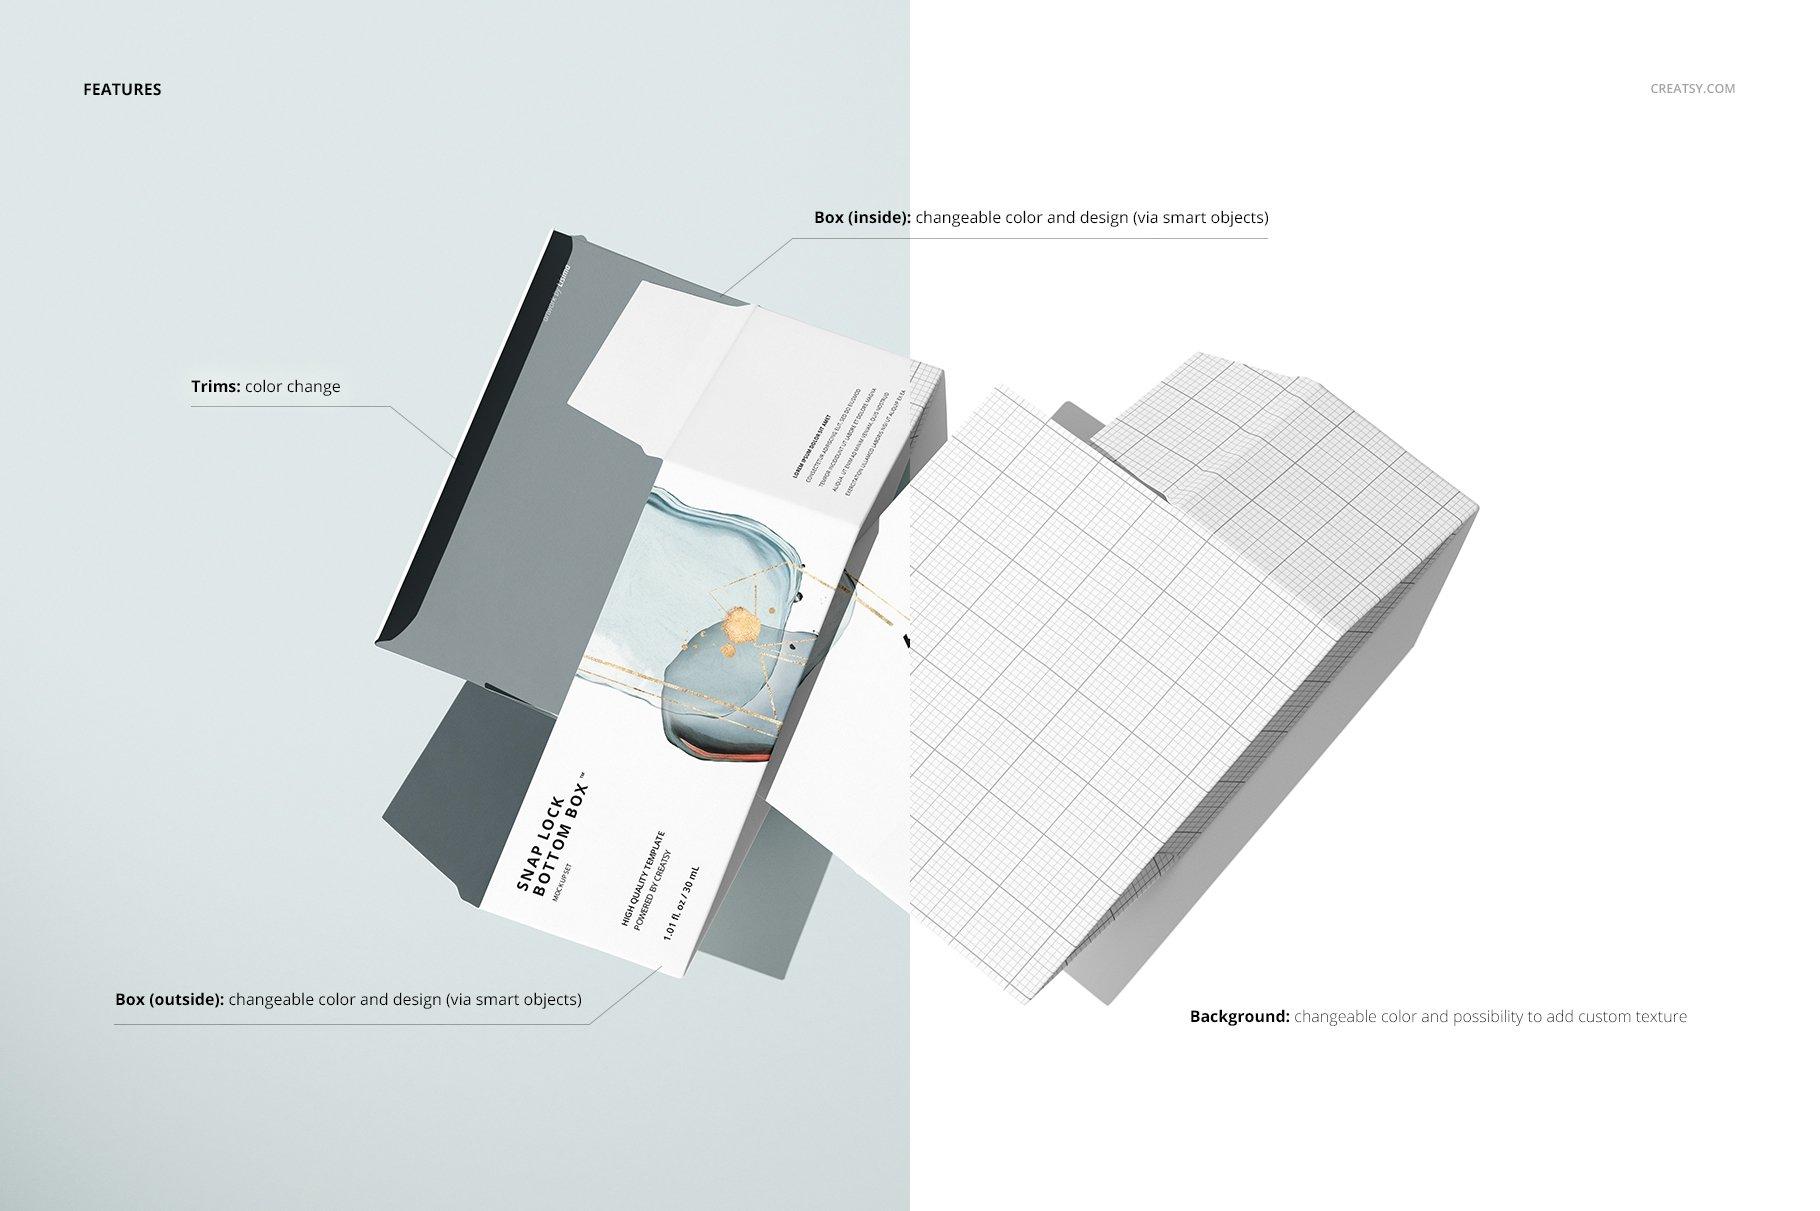 长矩形产品包装卡扣锁底纸盒样机集 Snap Lock Bottom Box Mockup Set插图(3)